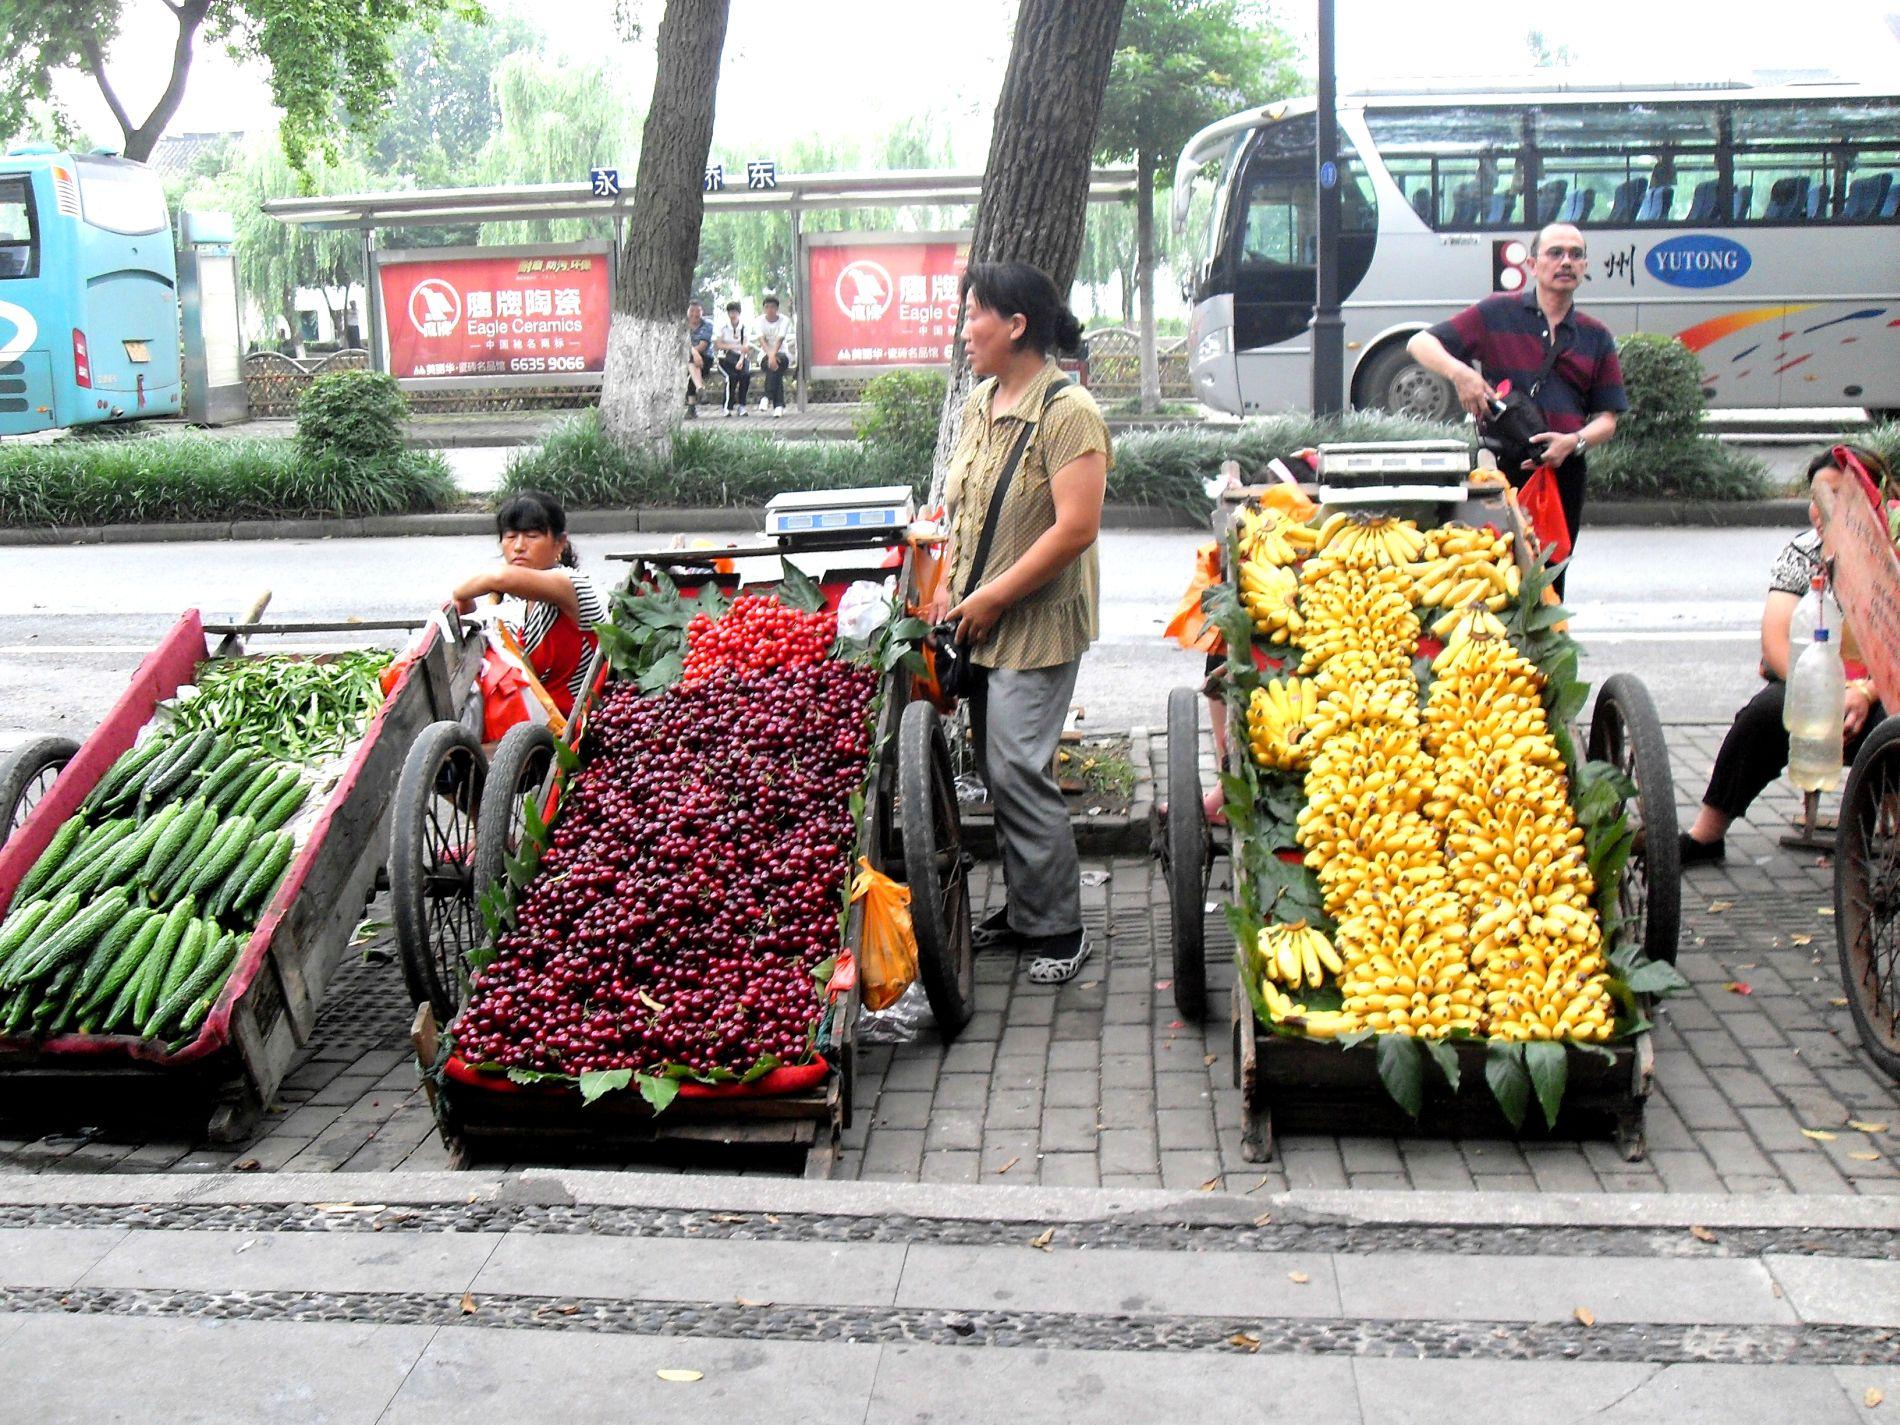 carretti di frutta cinesi